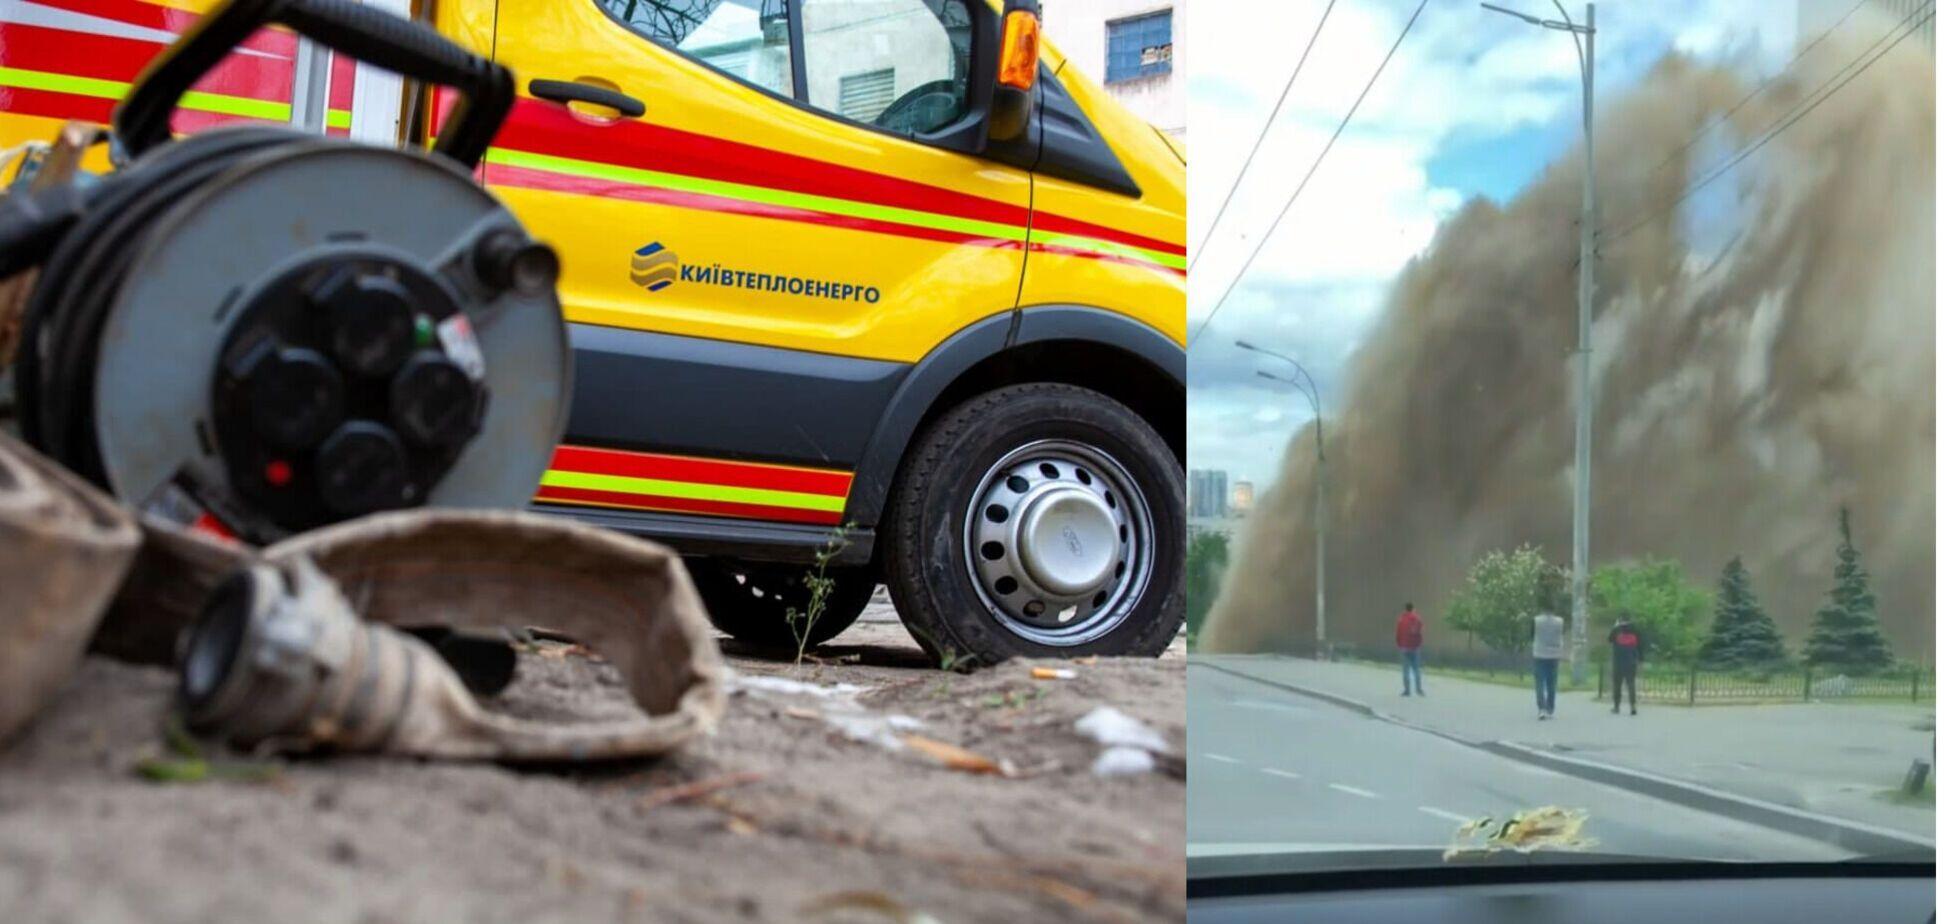 В Киеве 10-метровый 'гейзер' из кипятка разбил машины и смыл асфальт. Видео и фото ЧП